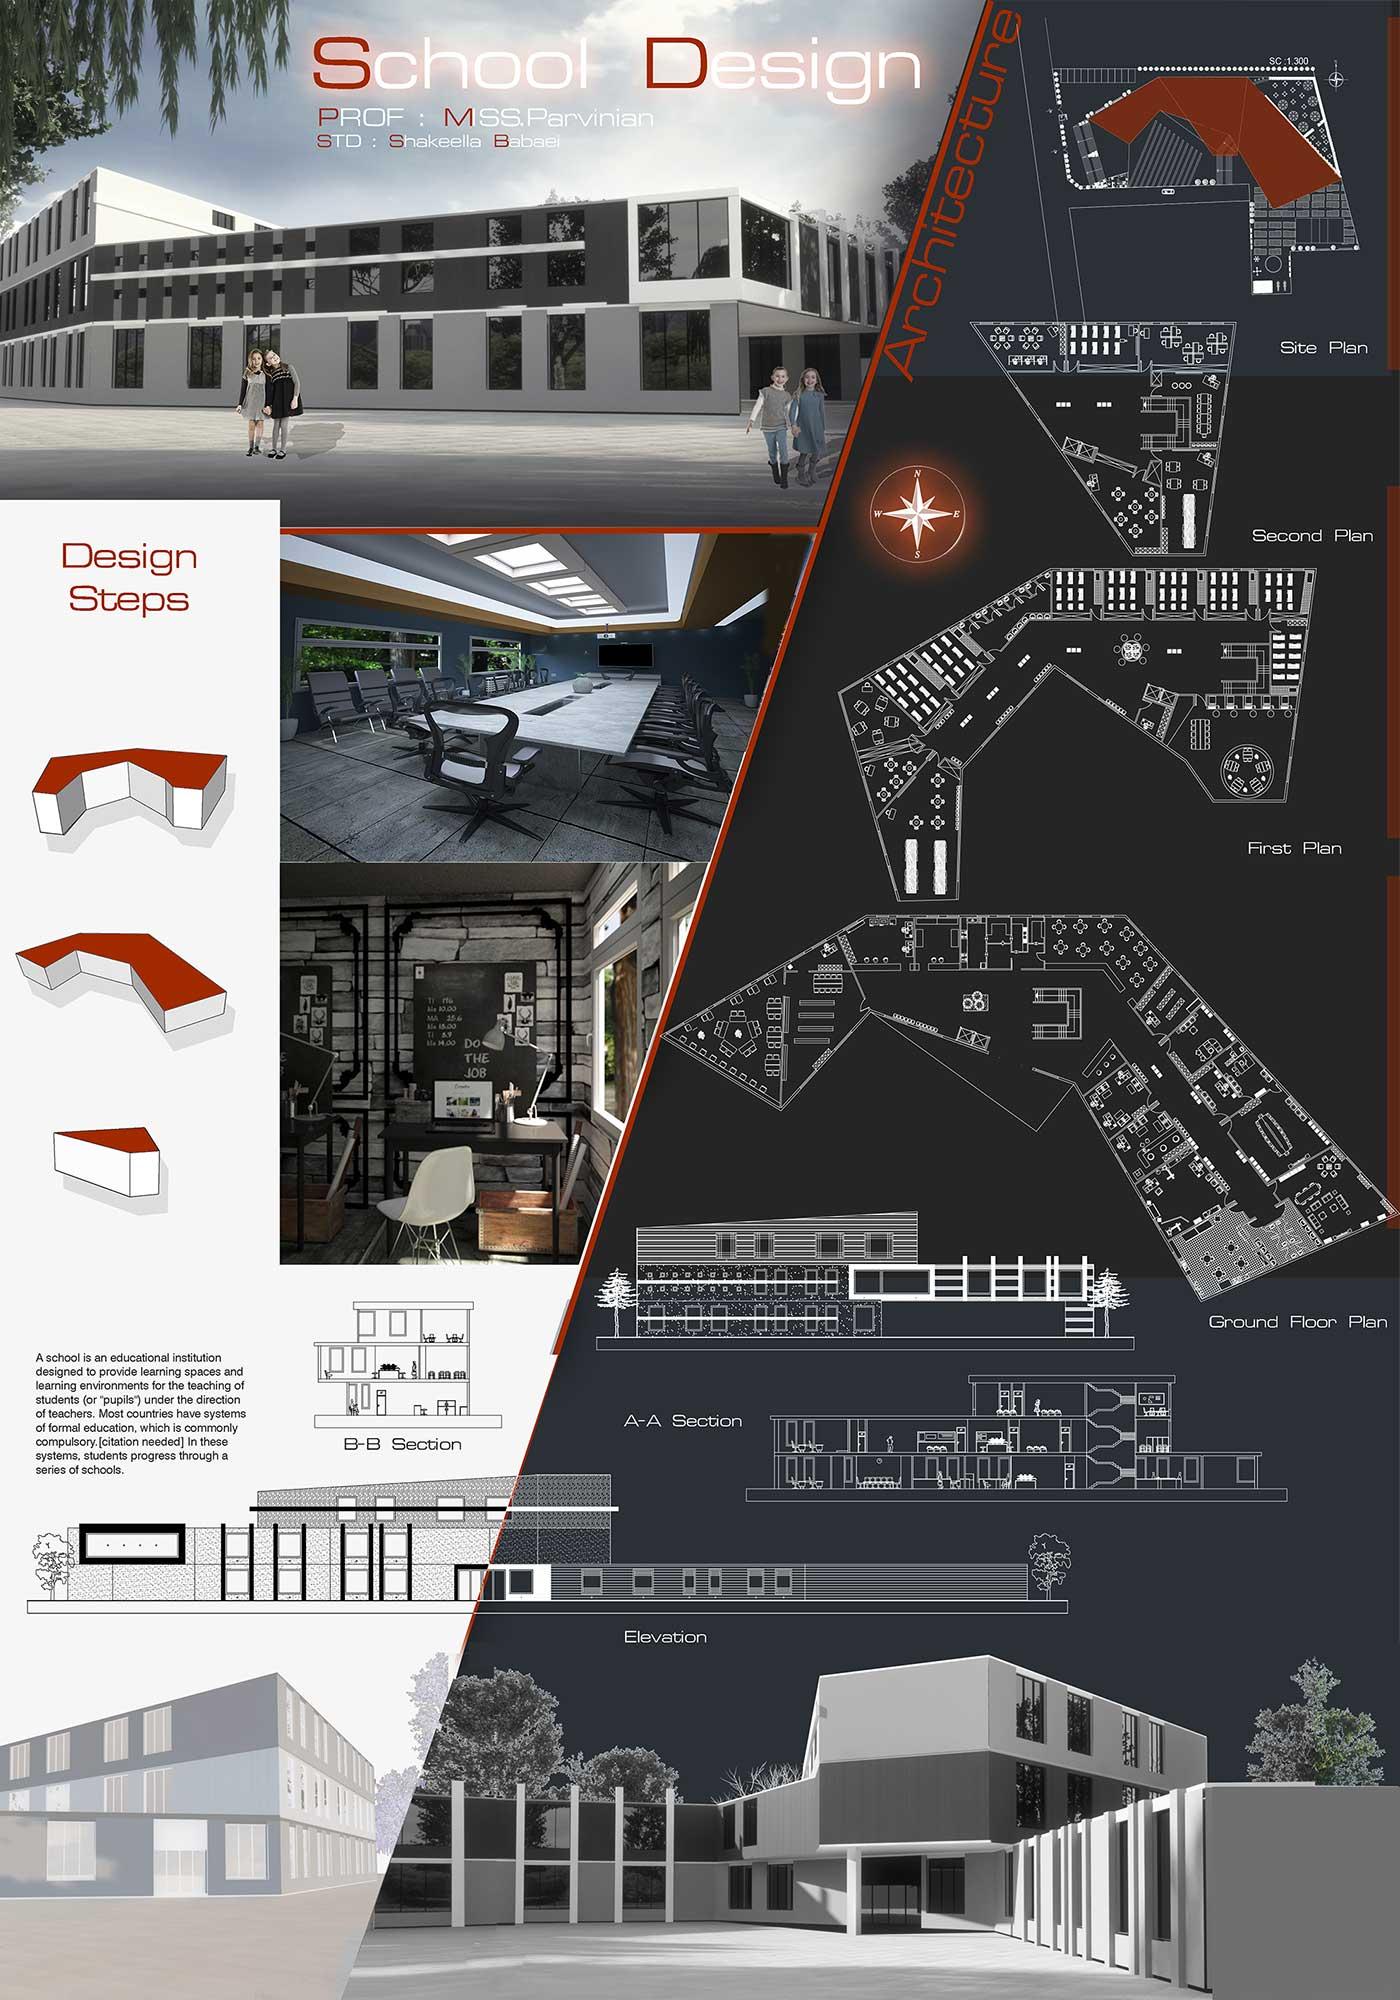 دانلود پروژه معماری مدرسه 1 1 - دانلود پروژه معماری مدرسه همراه نقشه و سه بعدی